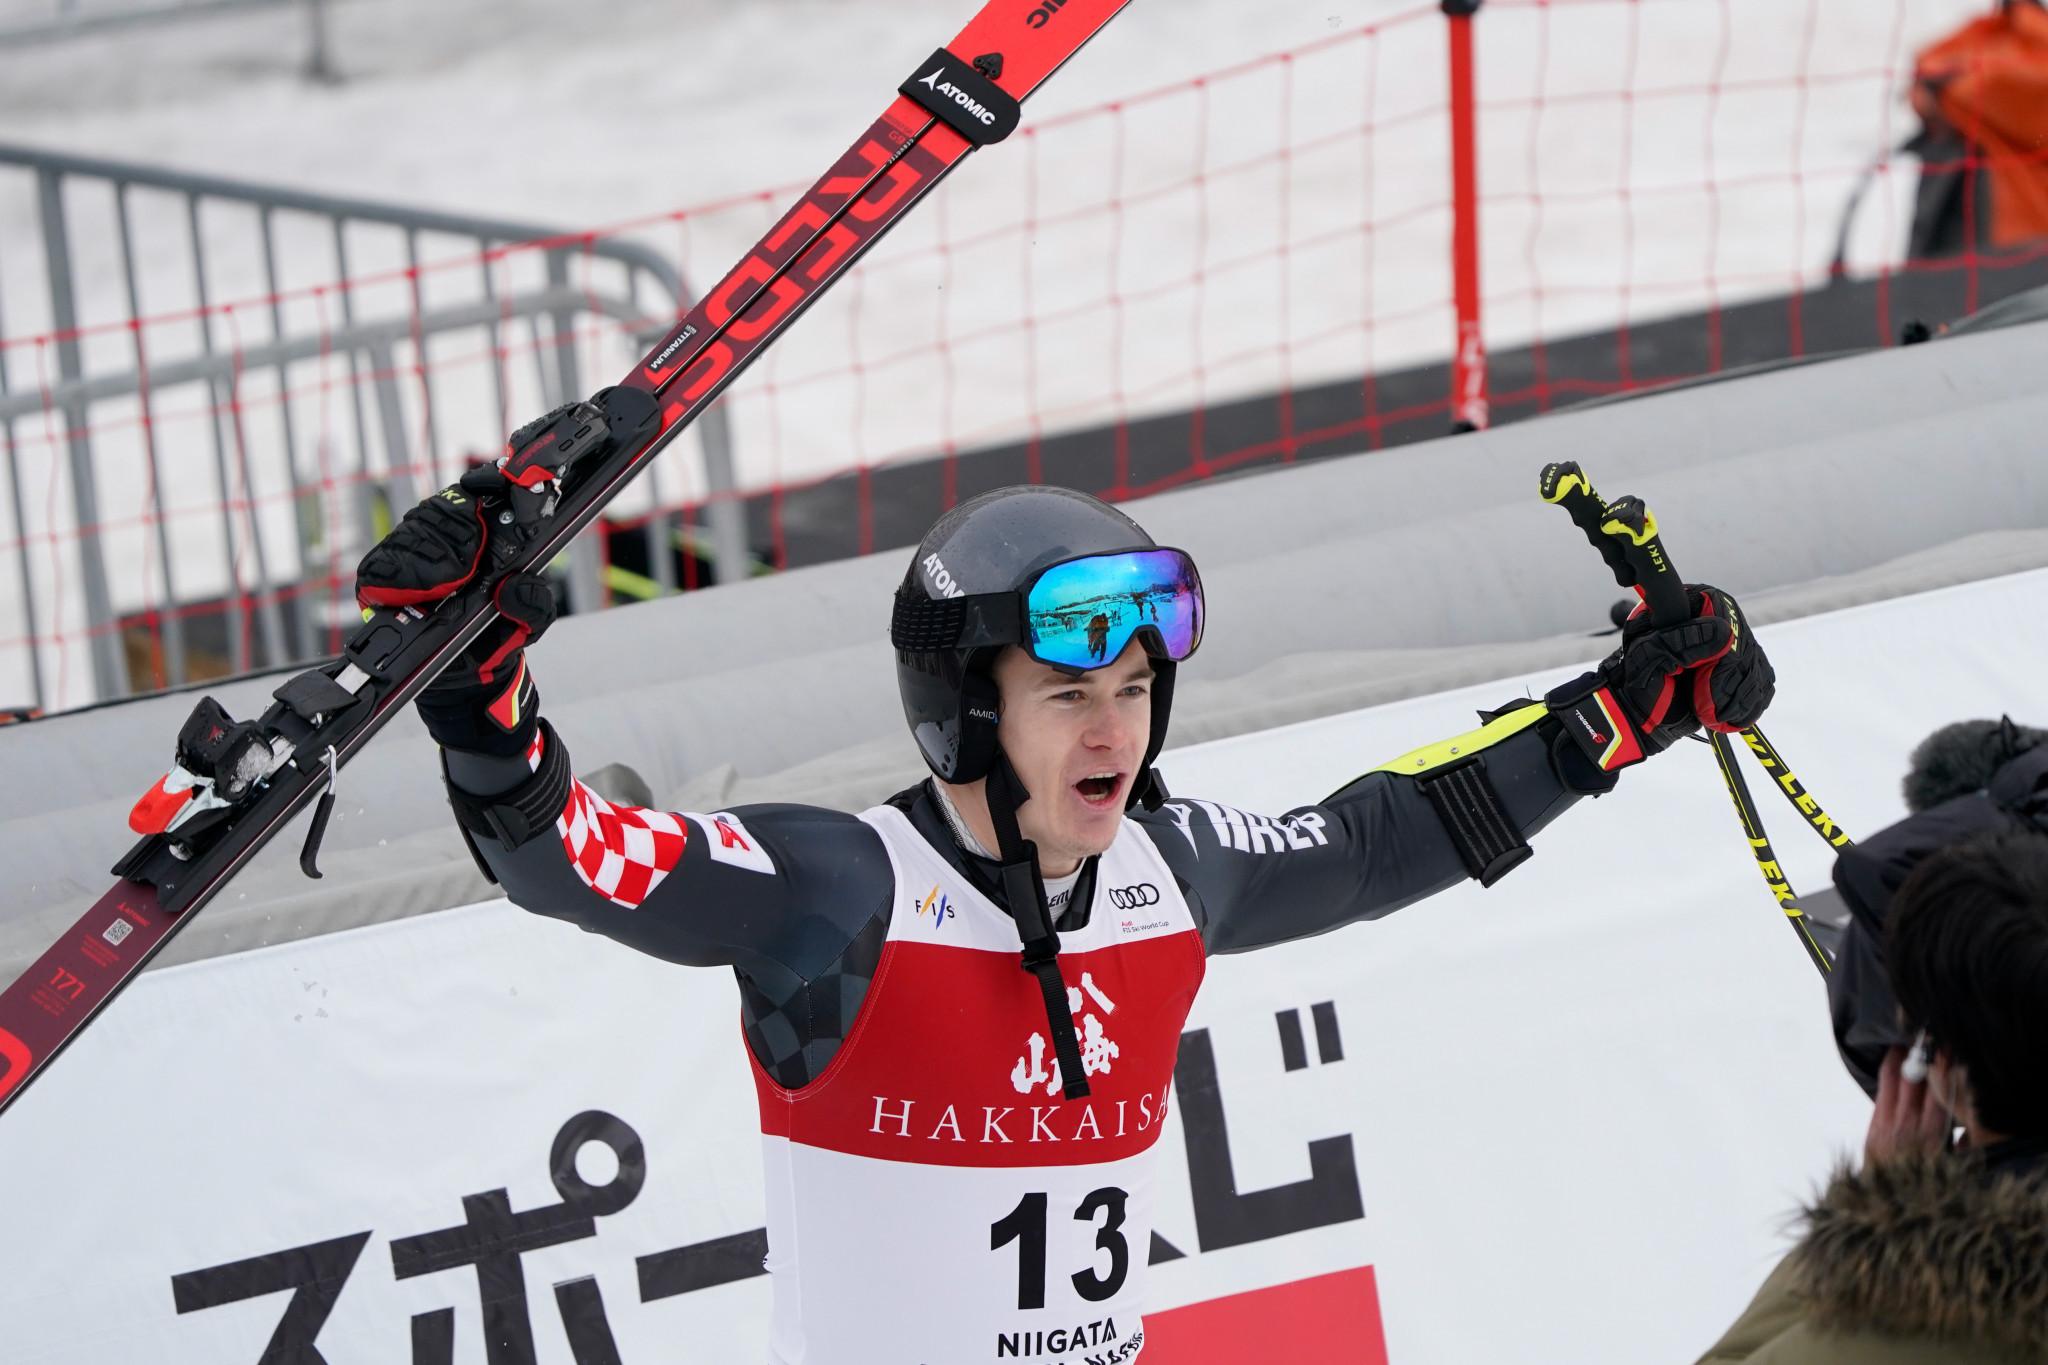 Zubčić clinches first Croatian FIS Alpine Ski World Cup giant slalom win